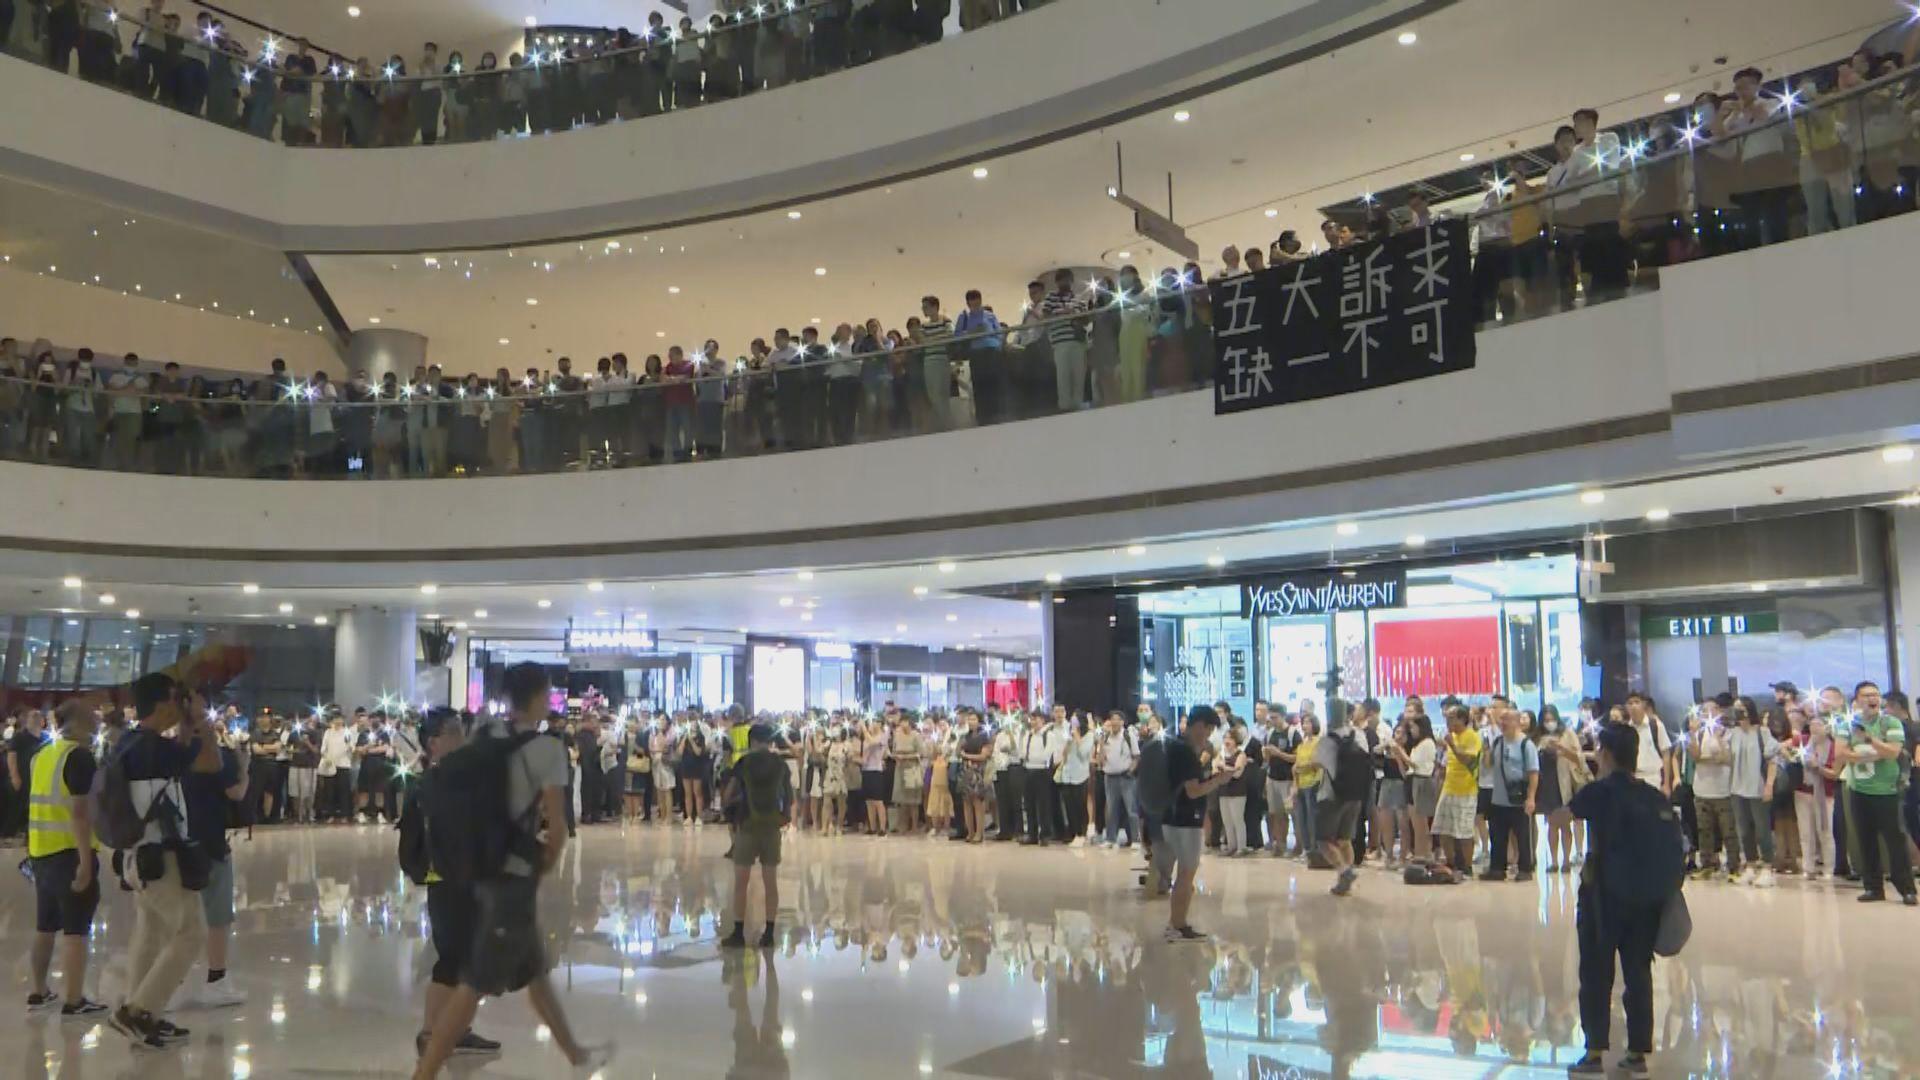 市民自發多區商場叫口號唱歌爭取五大訴求